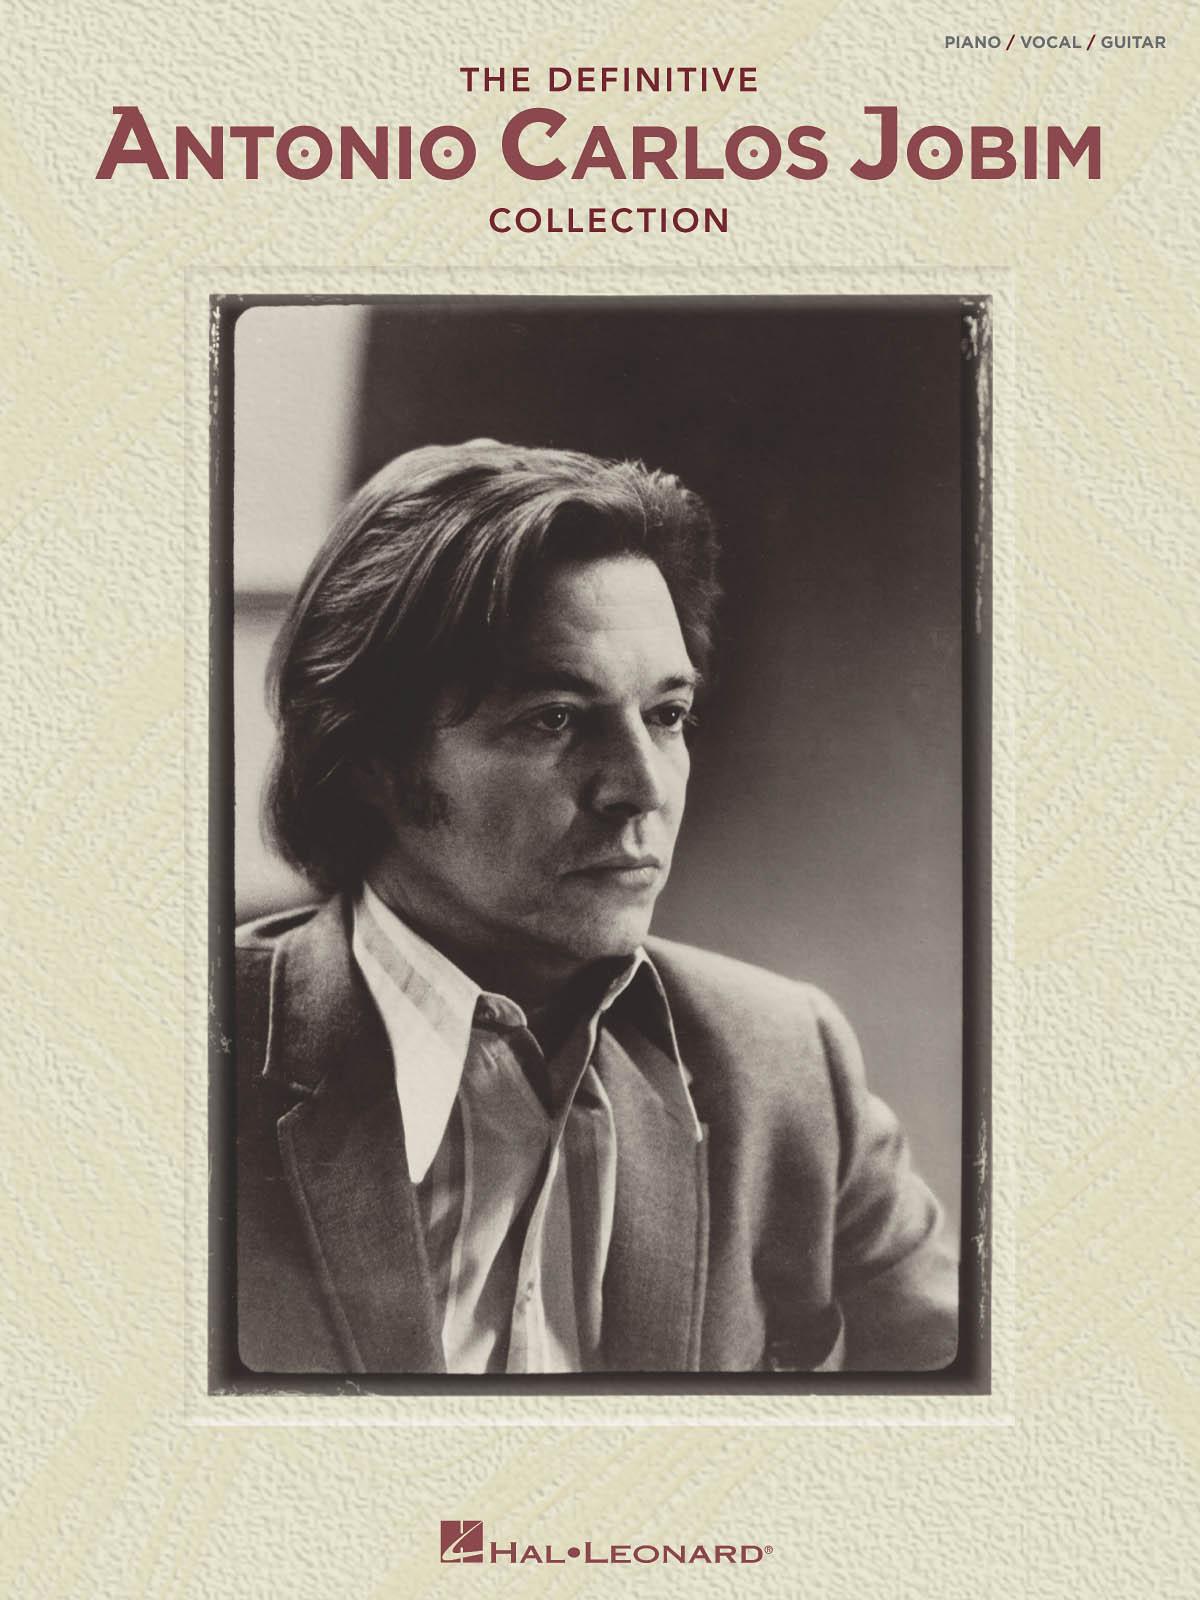 Antonio Carlos Jobim: The Definitive Antonio Carlos Jobim Collection: Piano